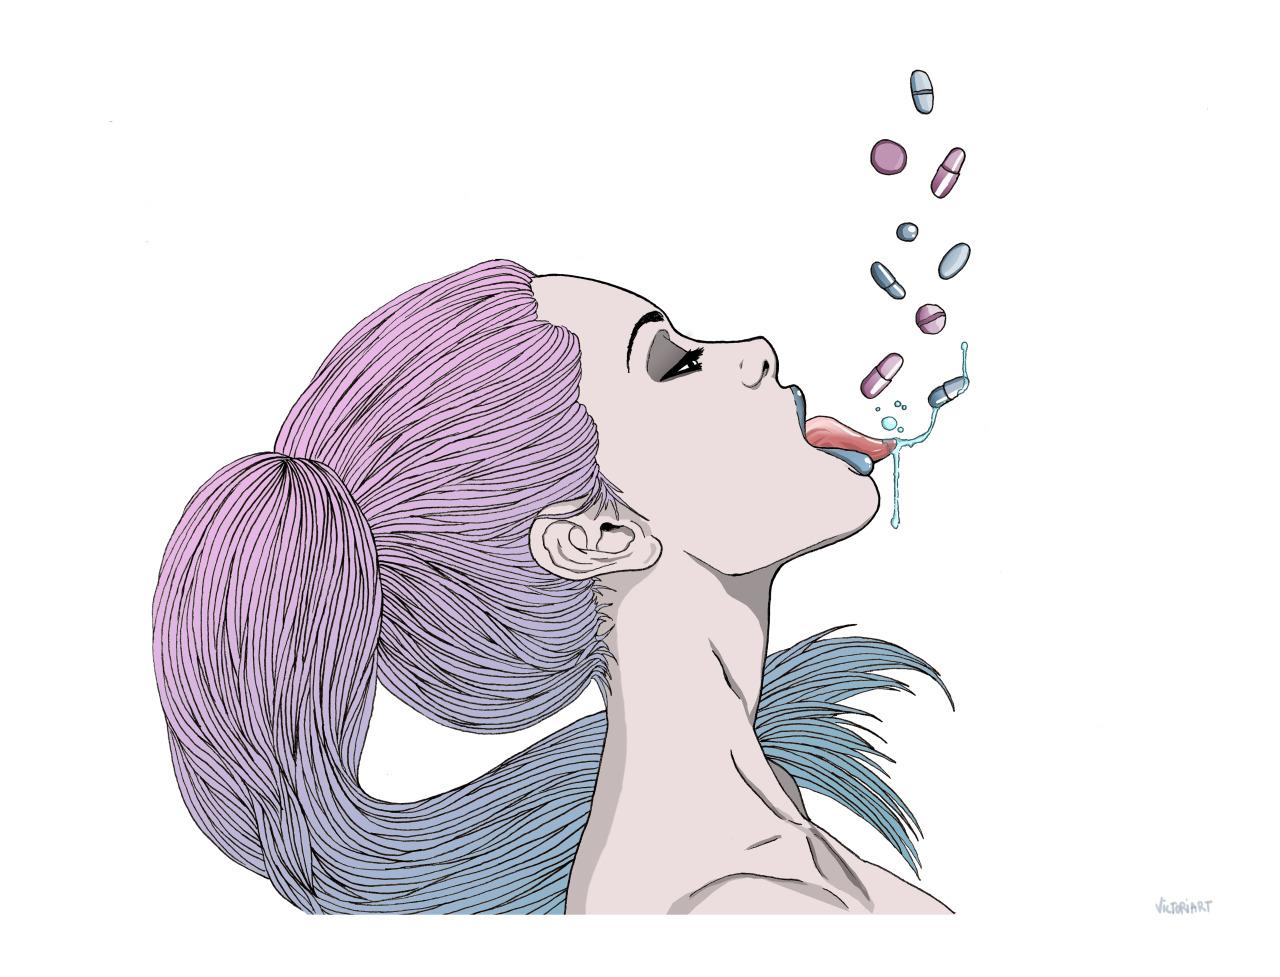 1280x977 Risultati Immagini Per Tumblr Drawing Drawing Ideas